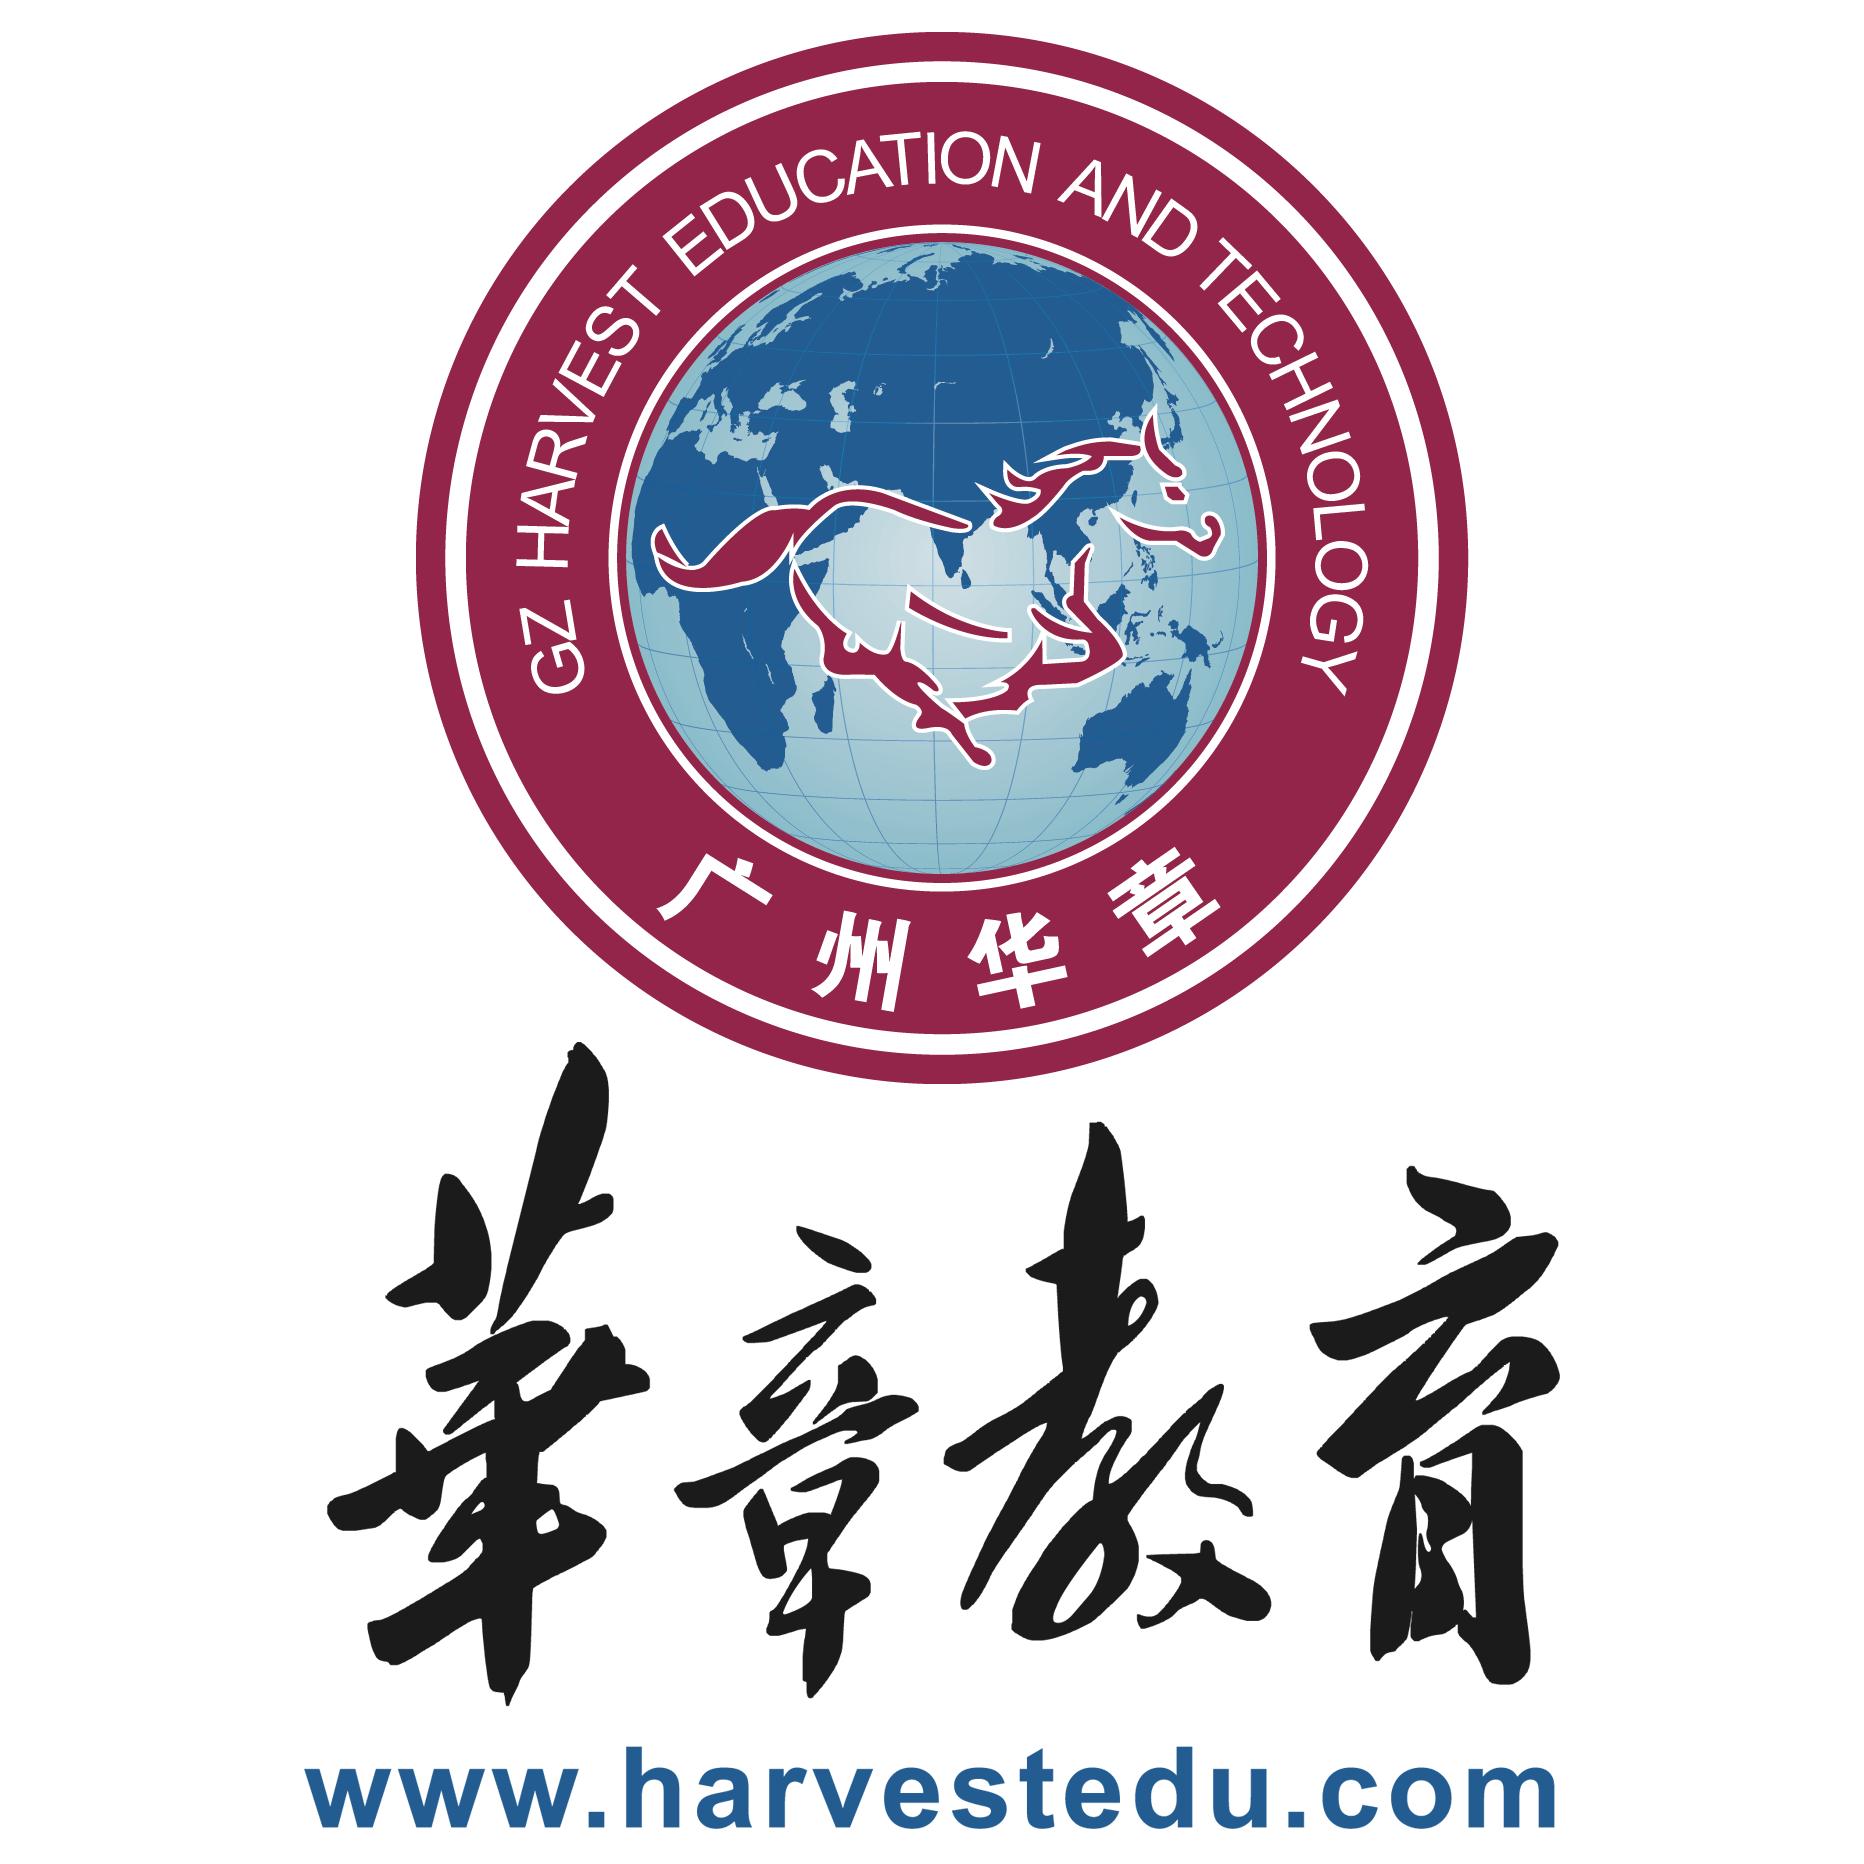 全国连锁,品牌保障 华章教育成立于2002年,在广州、北京、深圳、上海、天津等地共建立41所,每年招收数万名学员,成为中国管理硕士考前培训第一品牌。 汇集全国顶级辅导名师 华章汇集全国各地数十名超级辅导名师,面授课程覆盖数学、英语、逻辑、中文写作各科,首创三段式辅导循序渐进。 广州知名商学院唯一指定合作单位 广州华章一直保持与中大岭院、暨南大学、中大管院等本地一流商学院之间深入合作关系,每年为院校输送近千名学生。 课程体系完善,18种不同班次可供挑选 报班前对学员进行综合诊断,个性化推荐完善的课程体系,名